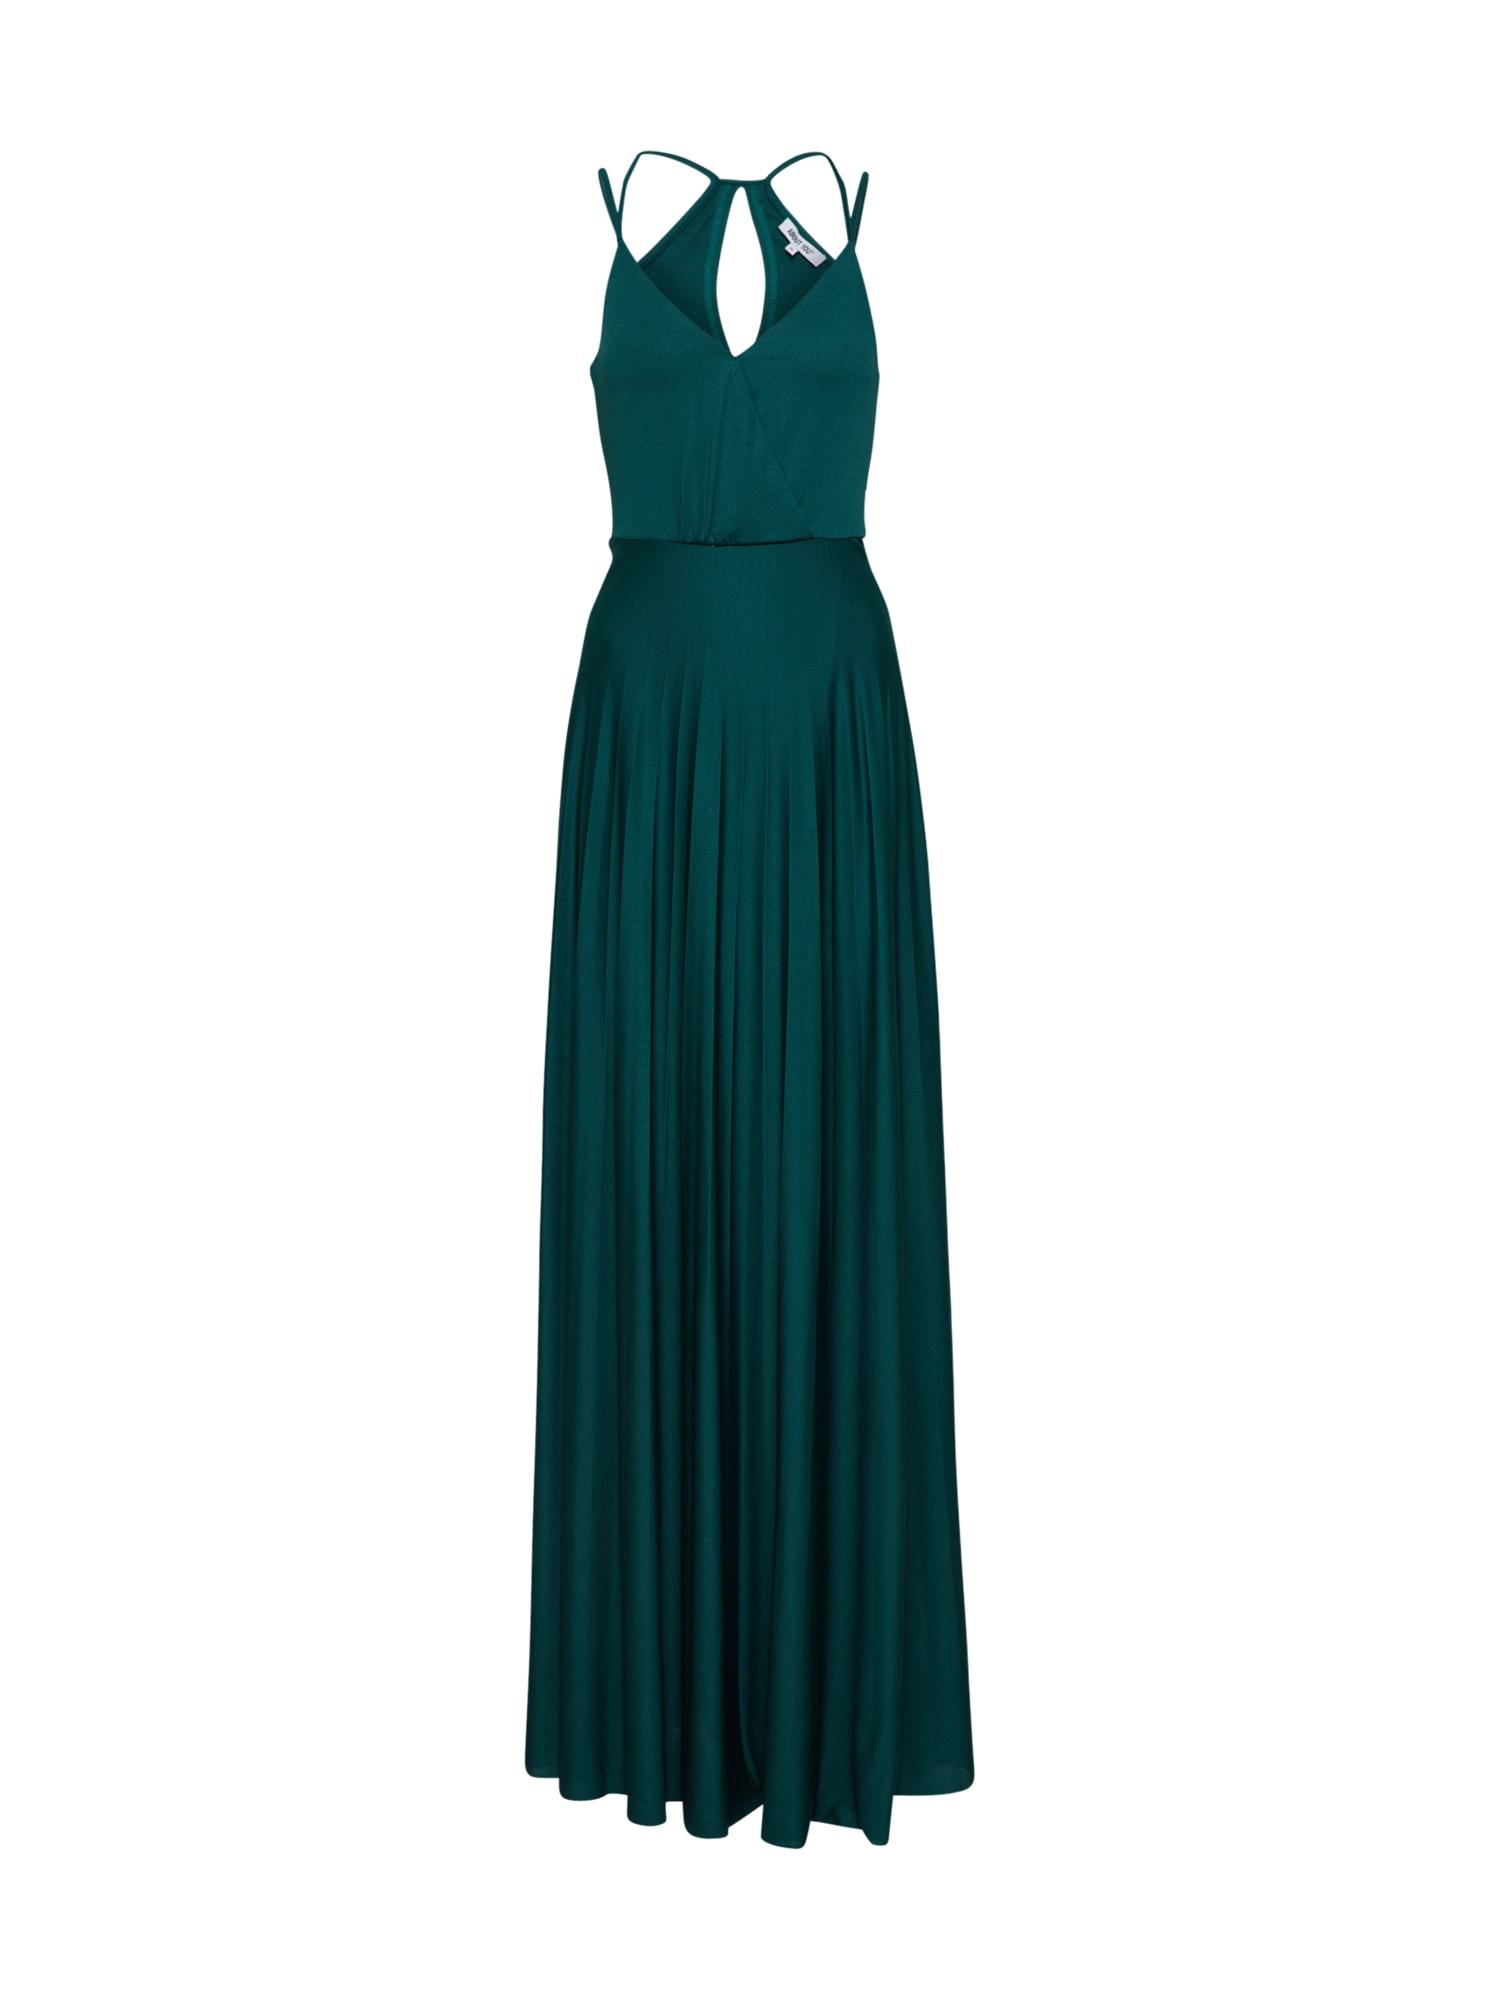 ABOUT YOU Vasarinė suknelė 'Falda' smaragdinė spalva